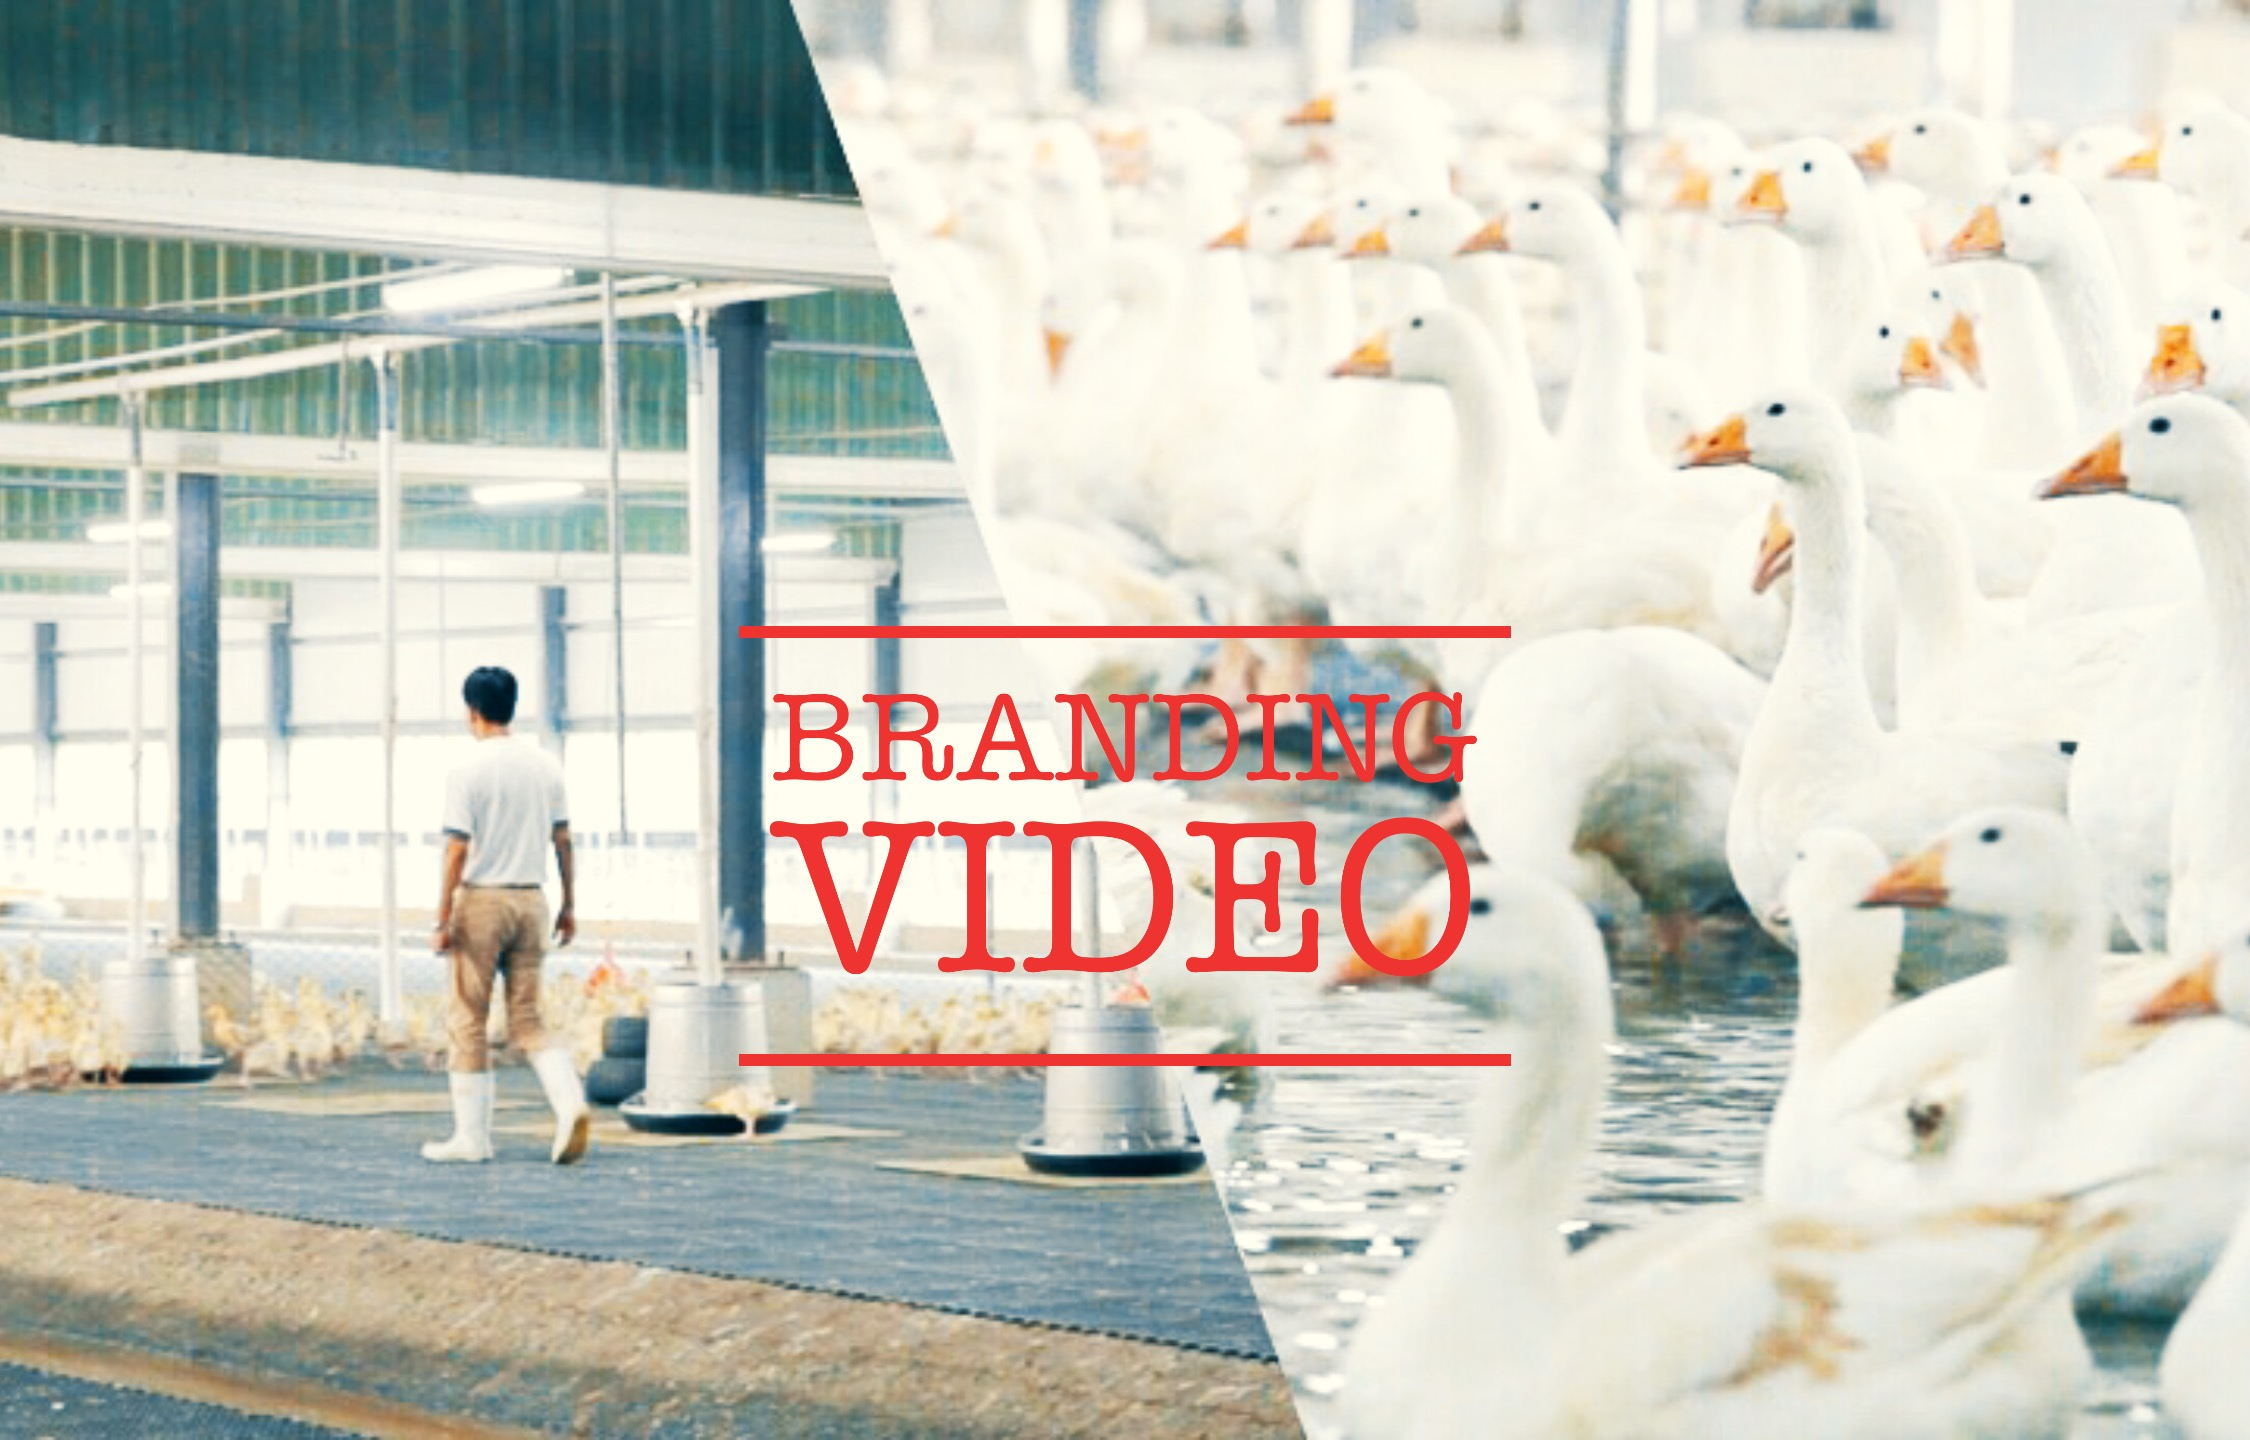 嘉義大林鵝王,靠紀錄片打海外開知名度、行銷國際!